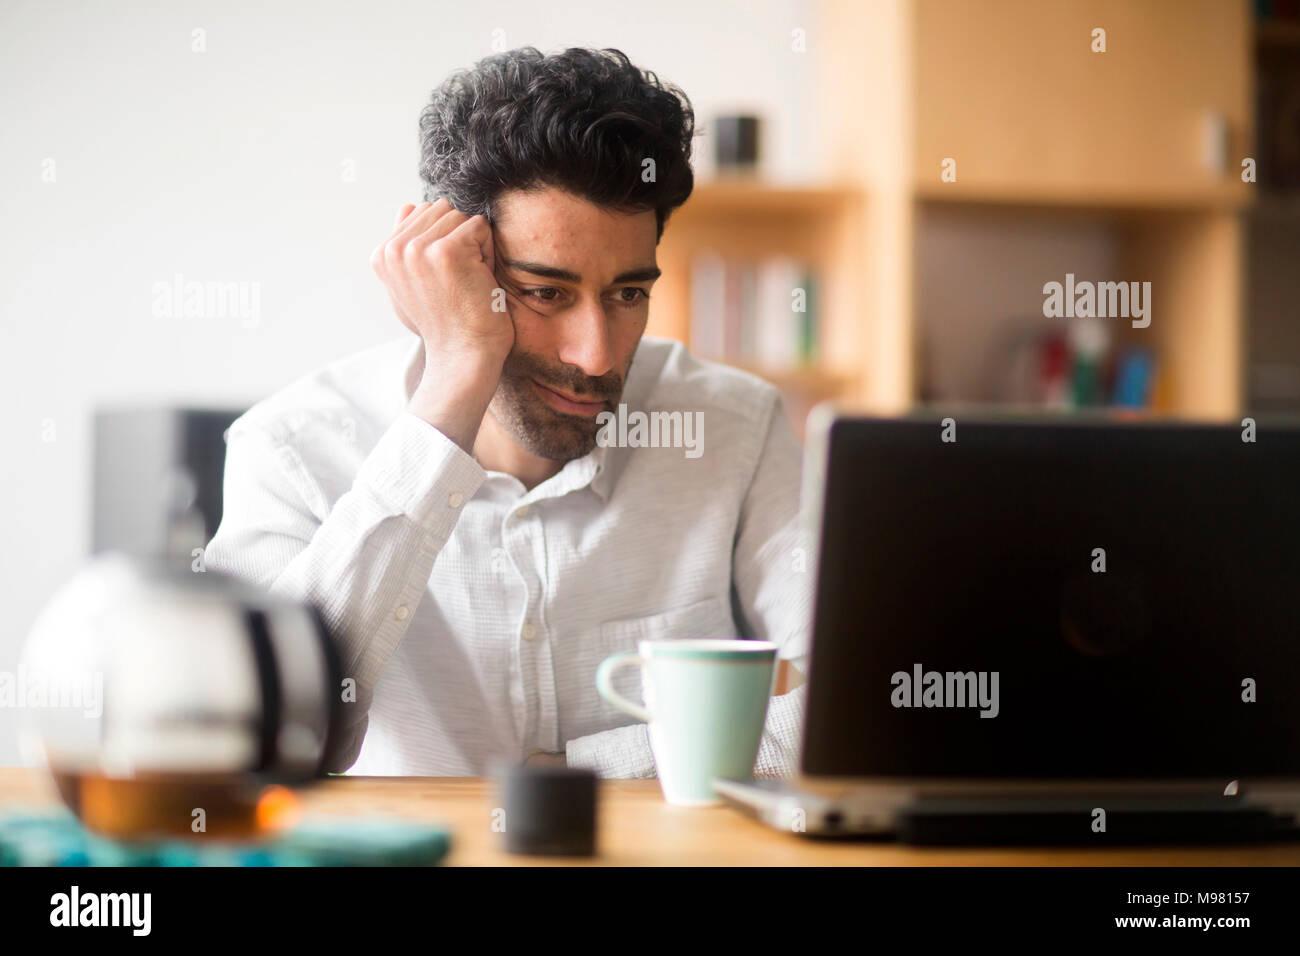 Portrait von Geschäftsmann am Schreibtisch, Laptop Stockbild